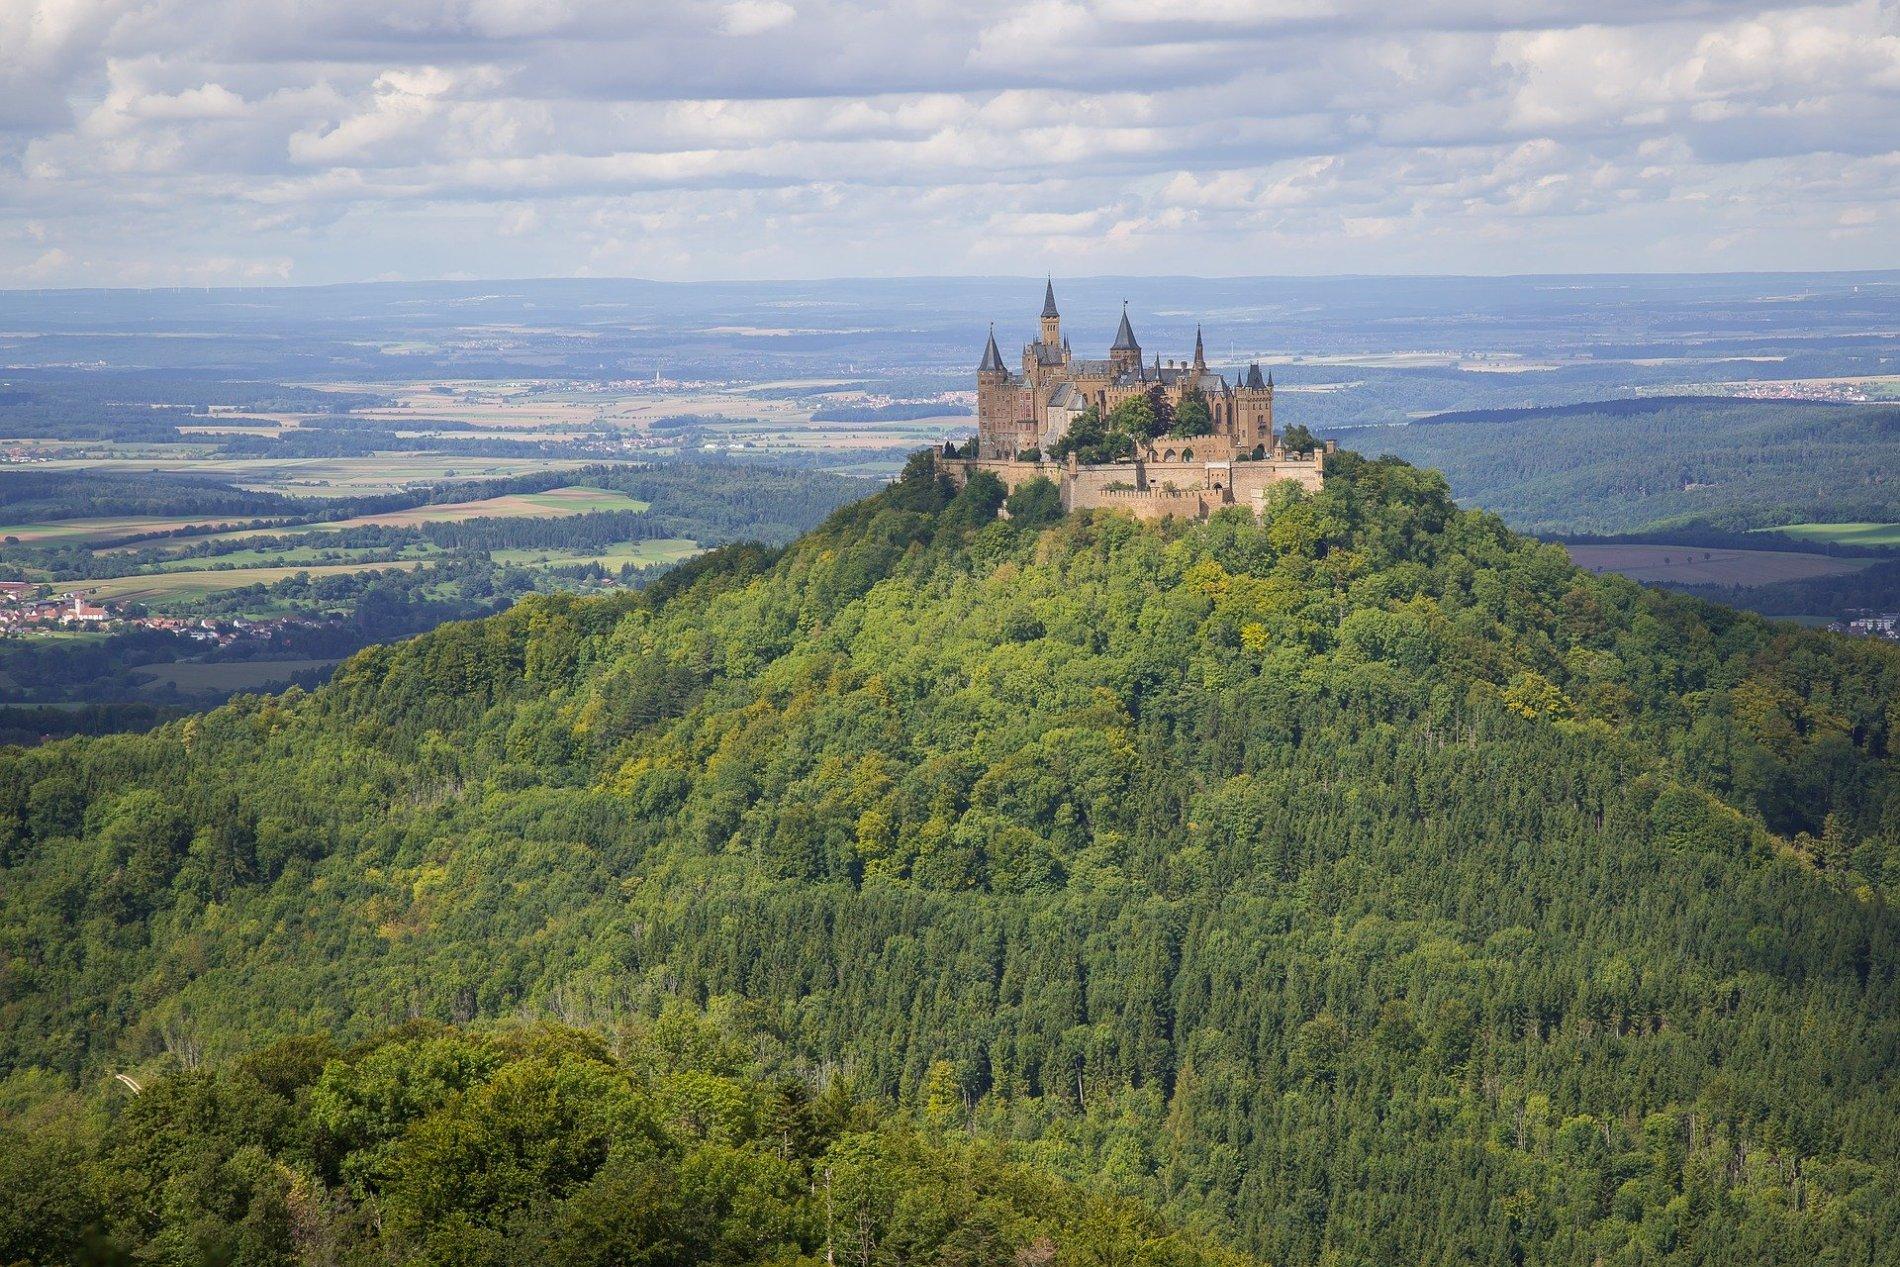 Burg Hohenzoller Schwäbische Alb